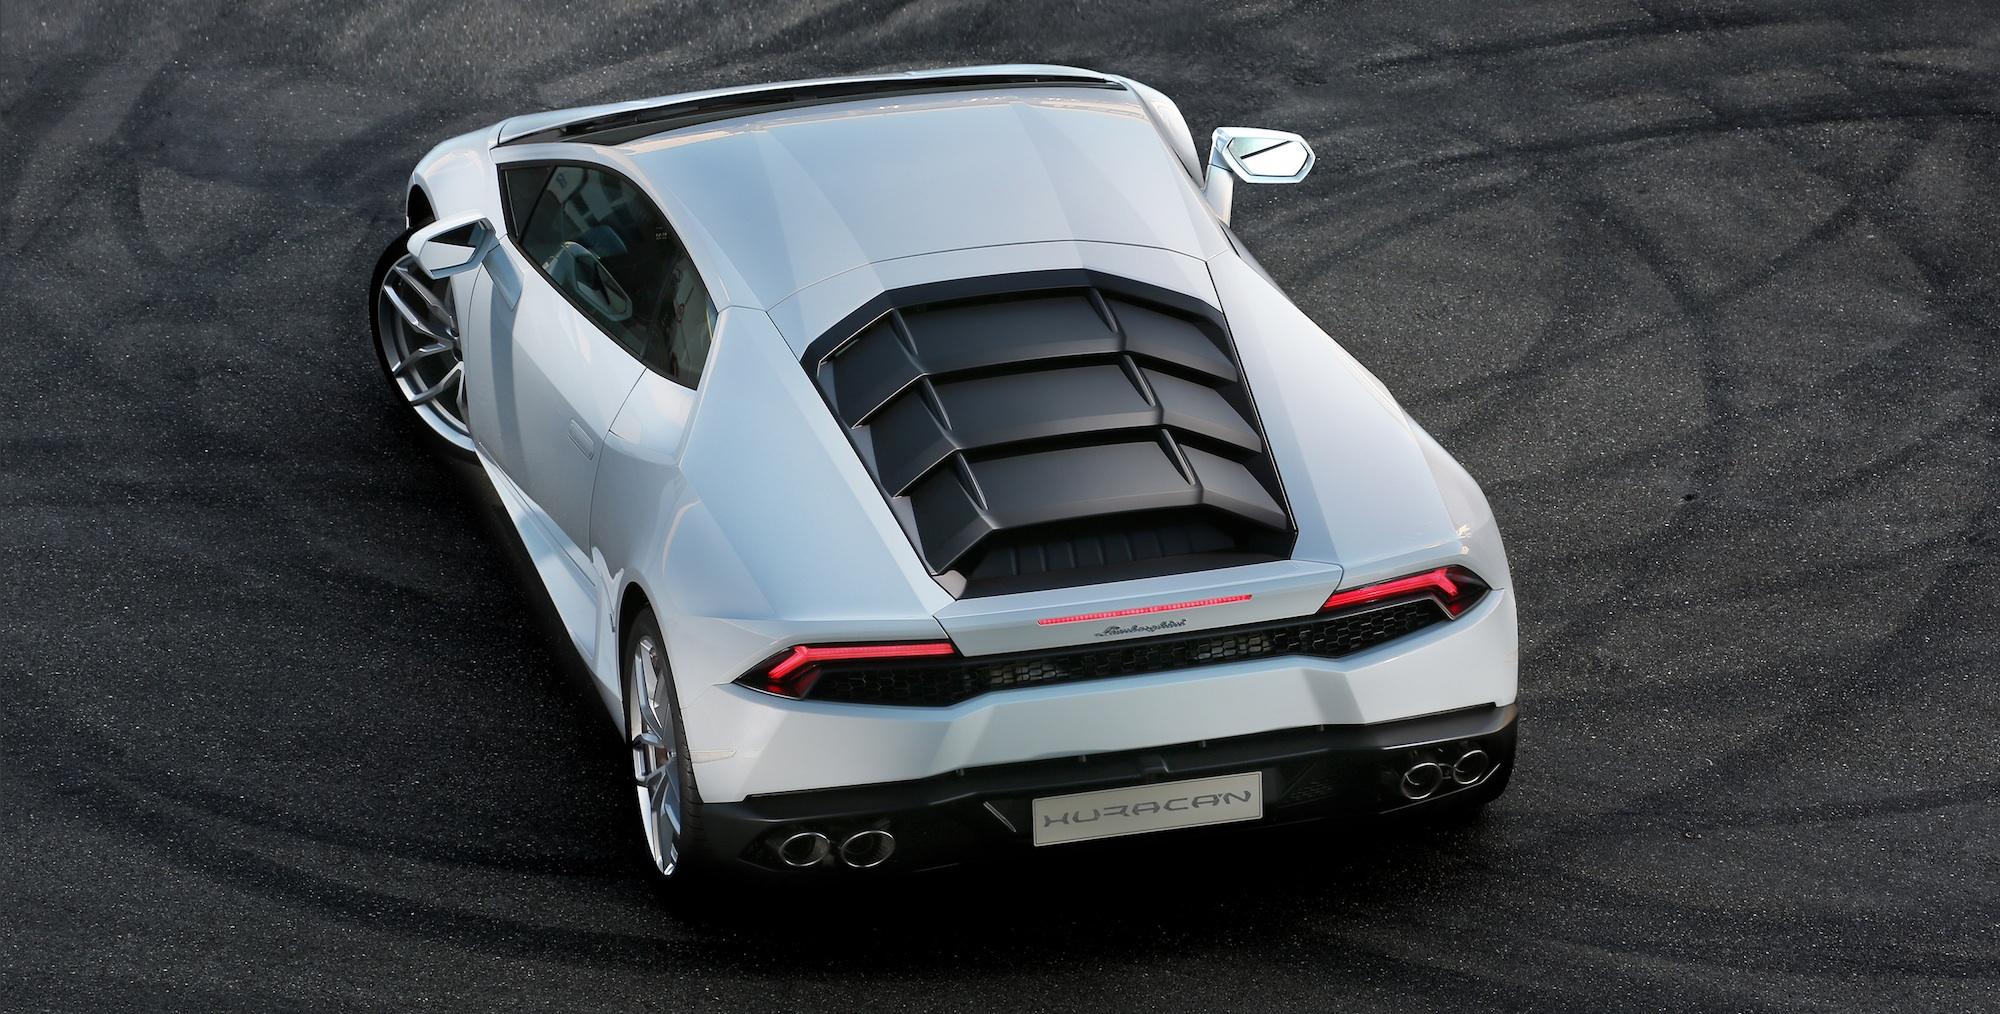 Lamborghini Huracan Rear Manual Guide